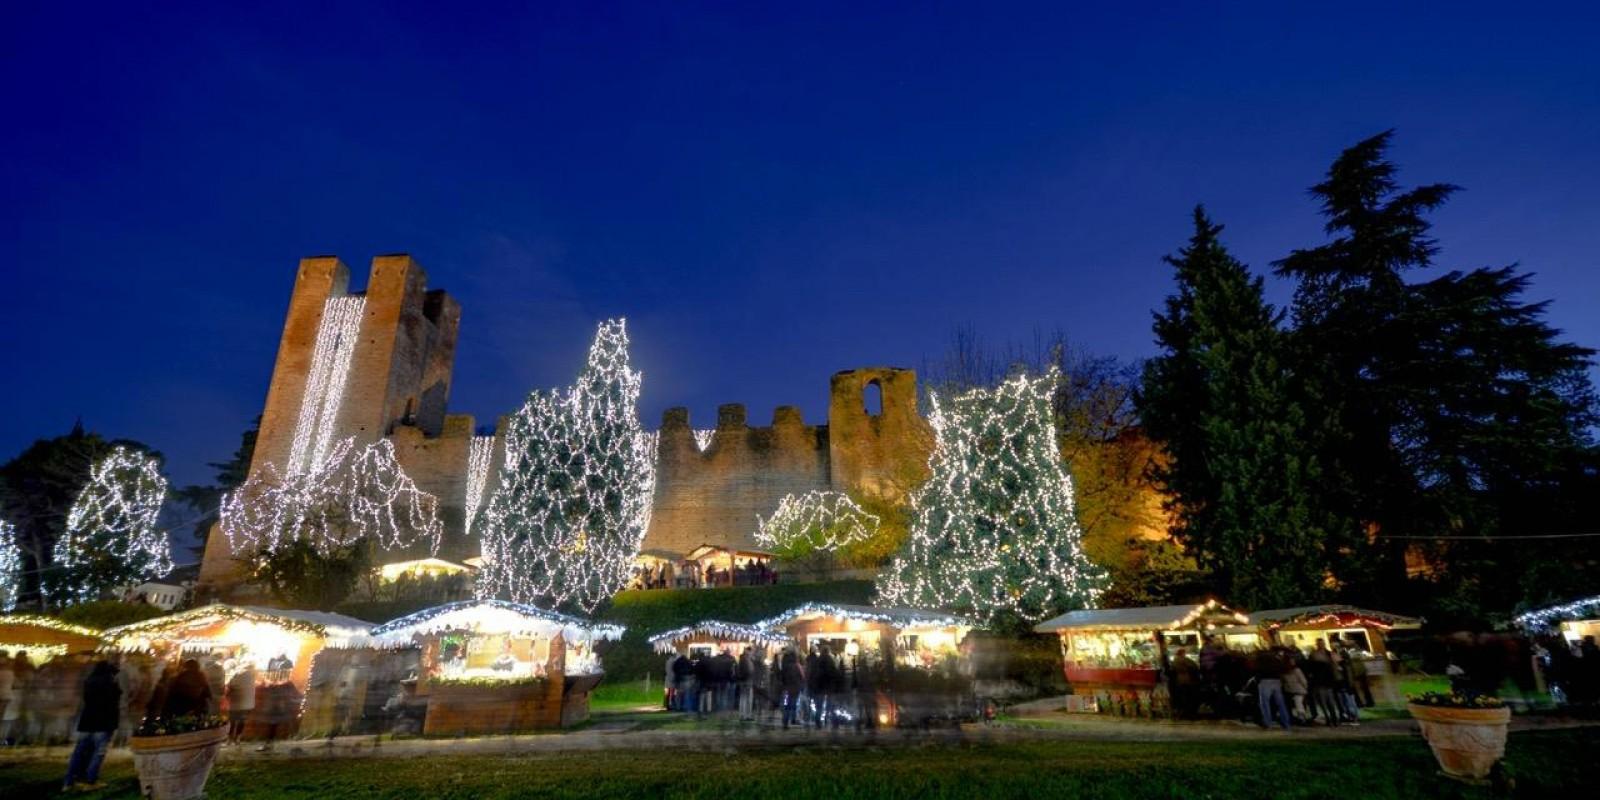 Mercatini di Natale.. - il quotidiano di Treviso e provincia